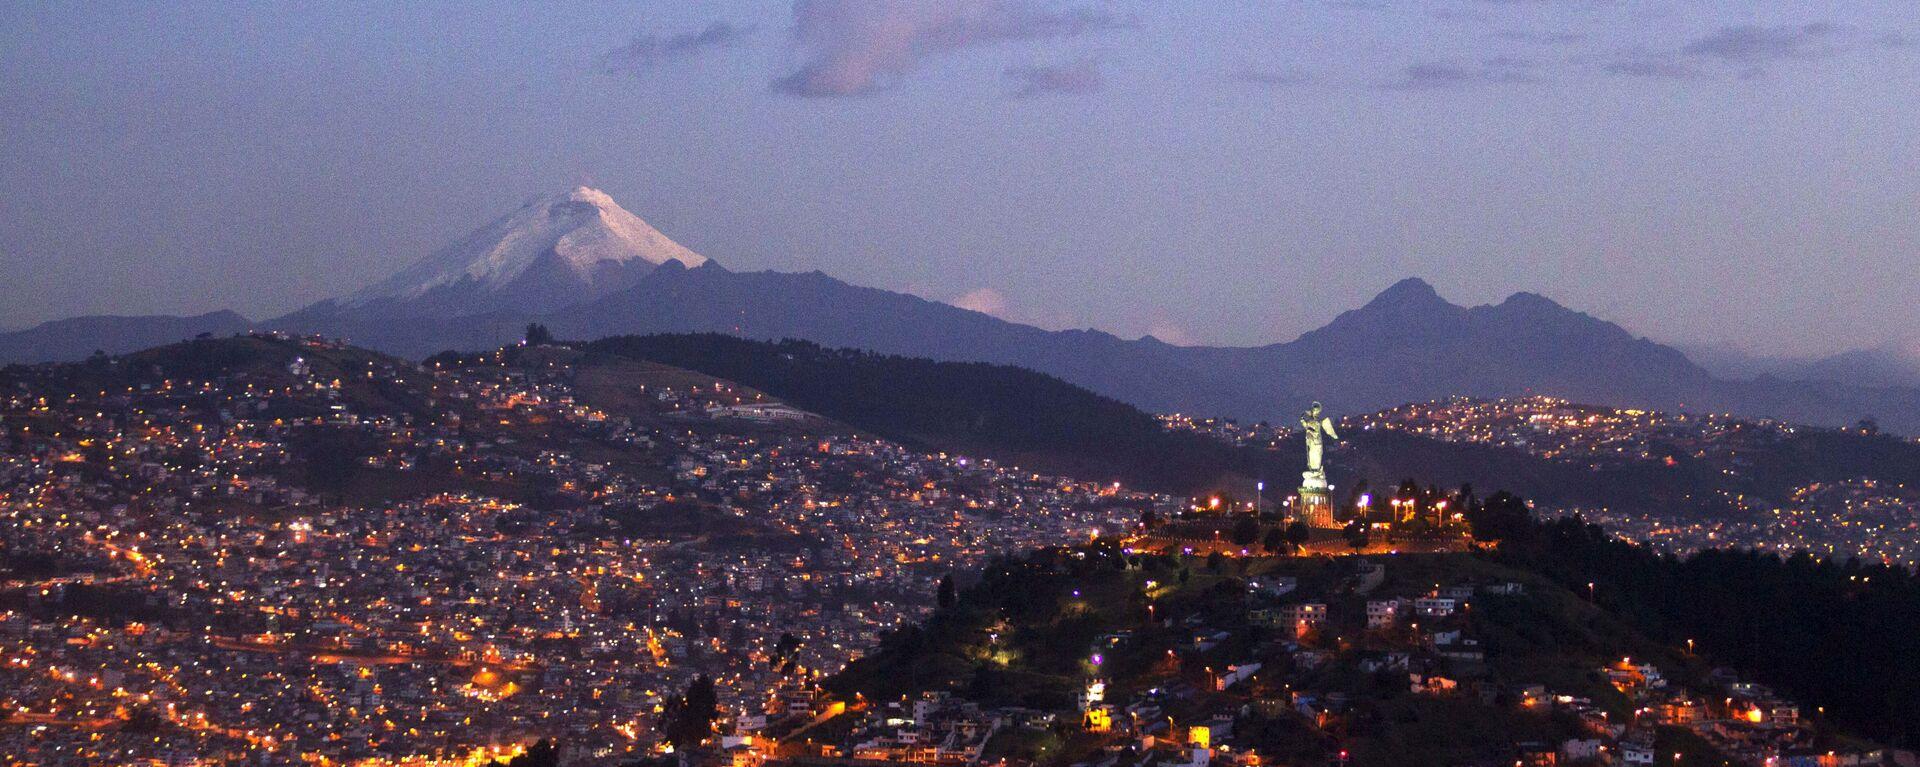 Quito, la capital de Ecuador  - Sputnik Mundo, 1920, 04.02.2021